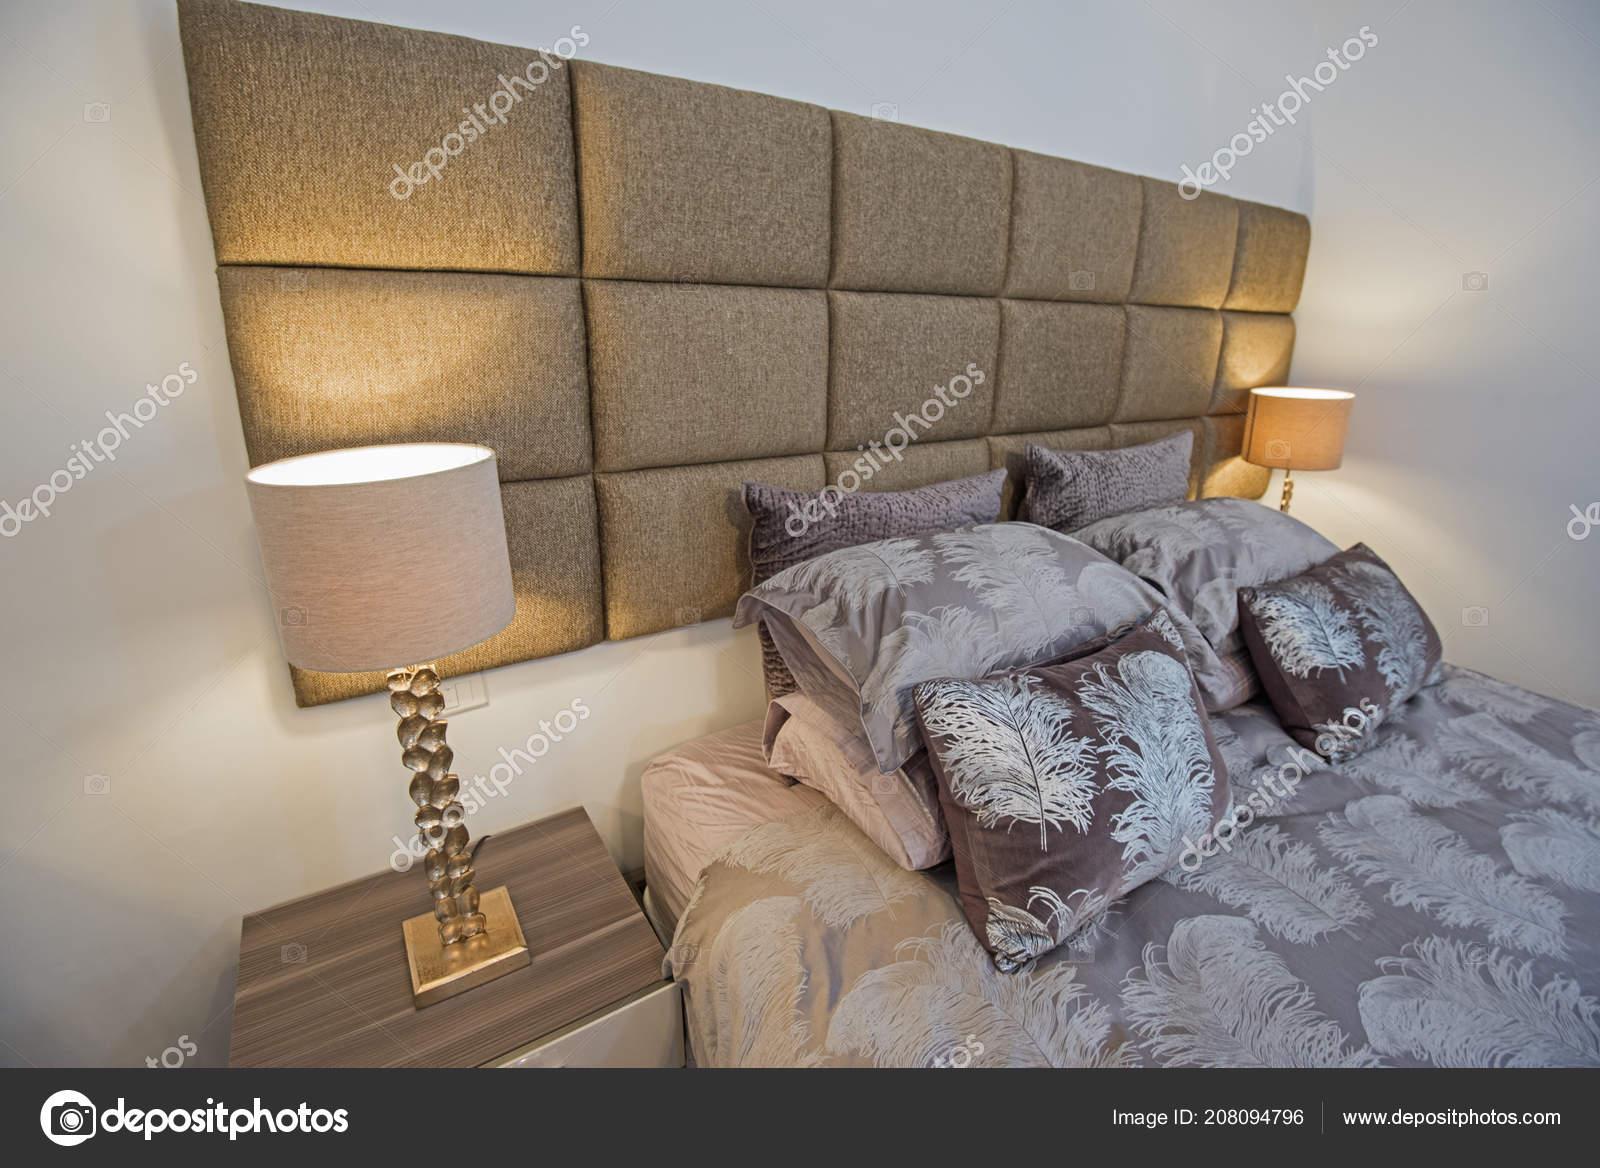 Ameublement Décoration Design Intérieur Luxe Voir Maison Chambre ...